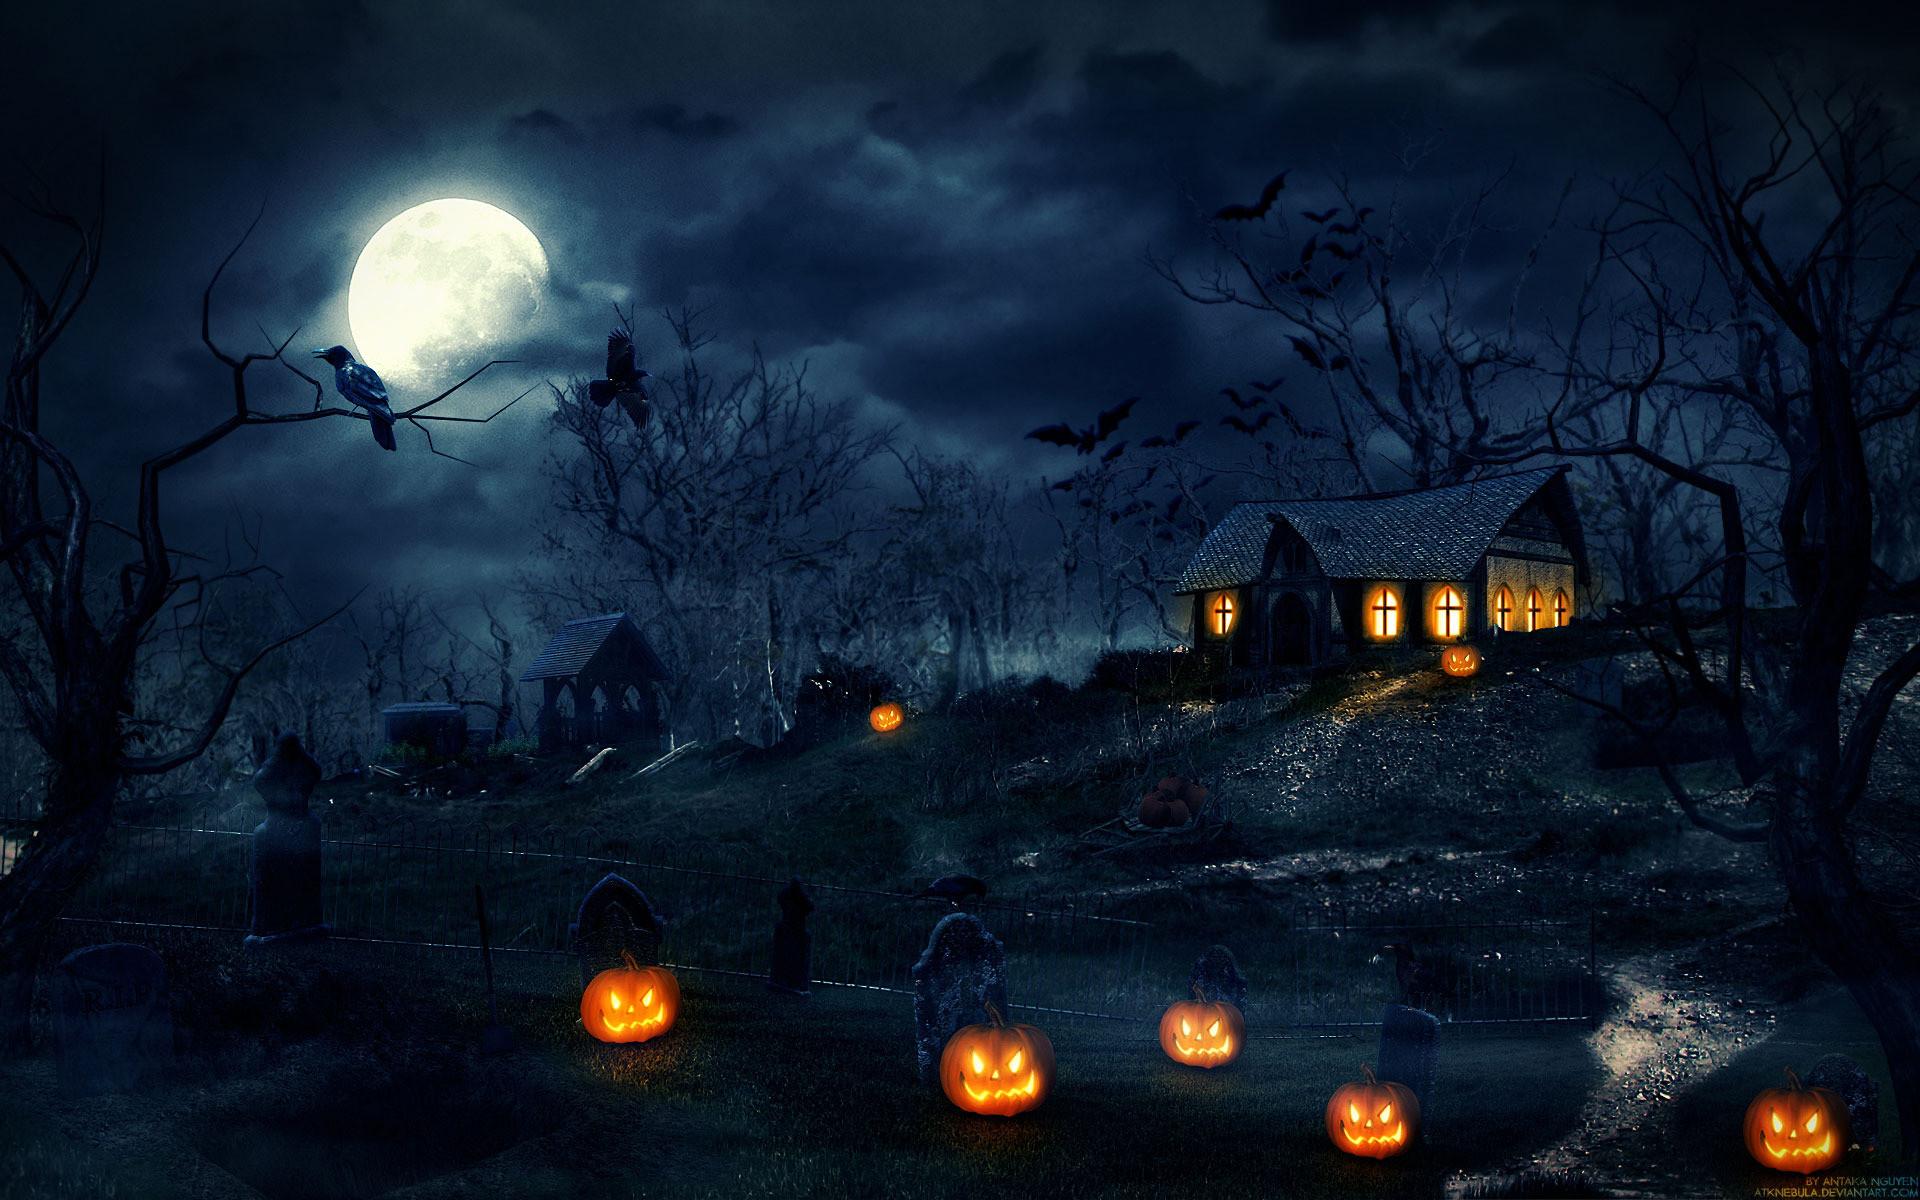 Desktop Nexus Wallpaper For Halloween 84 Images